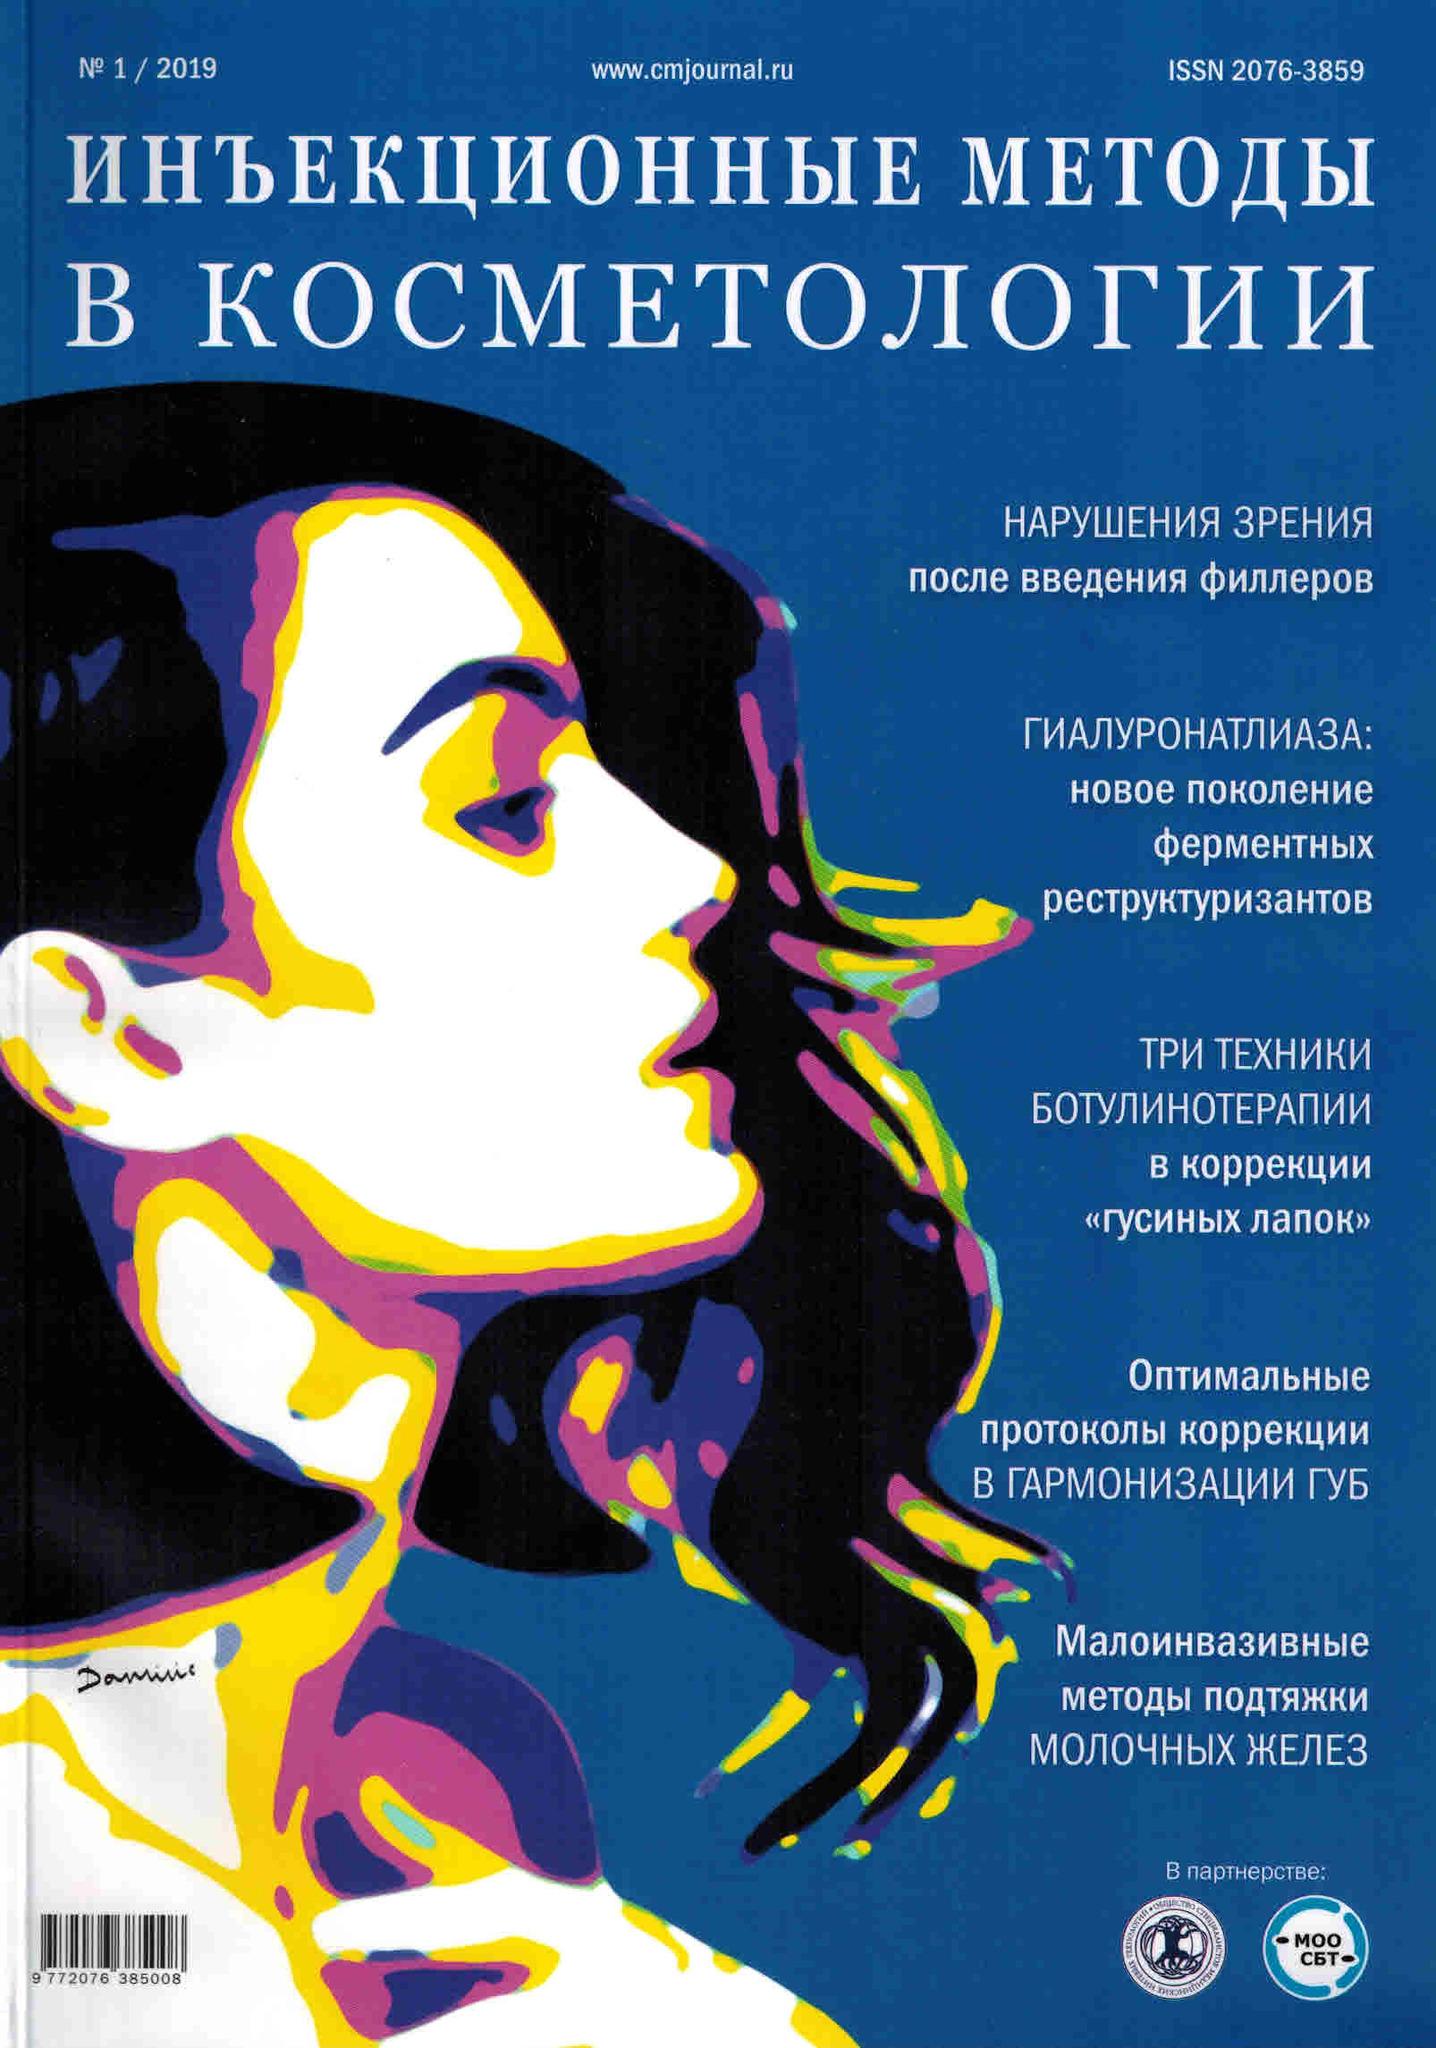 Каталог Инъекционные методы в косметологии №1/2019 in_met_v_kosm1-19.jpg